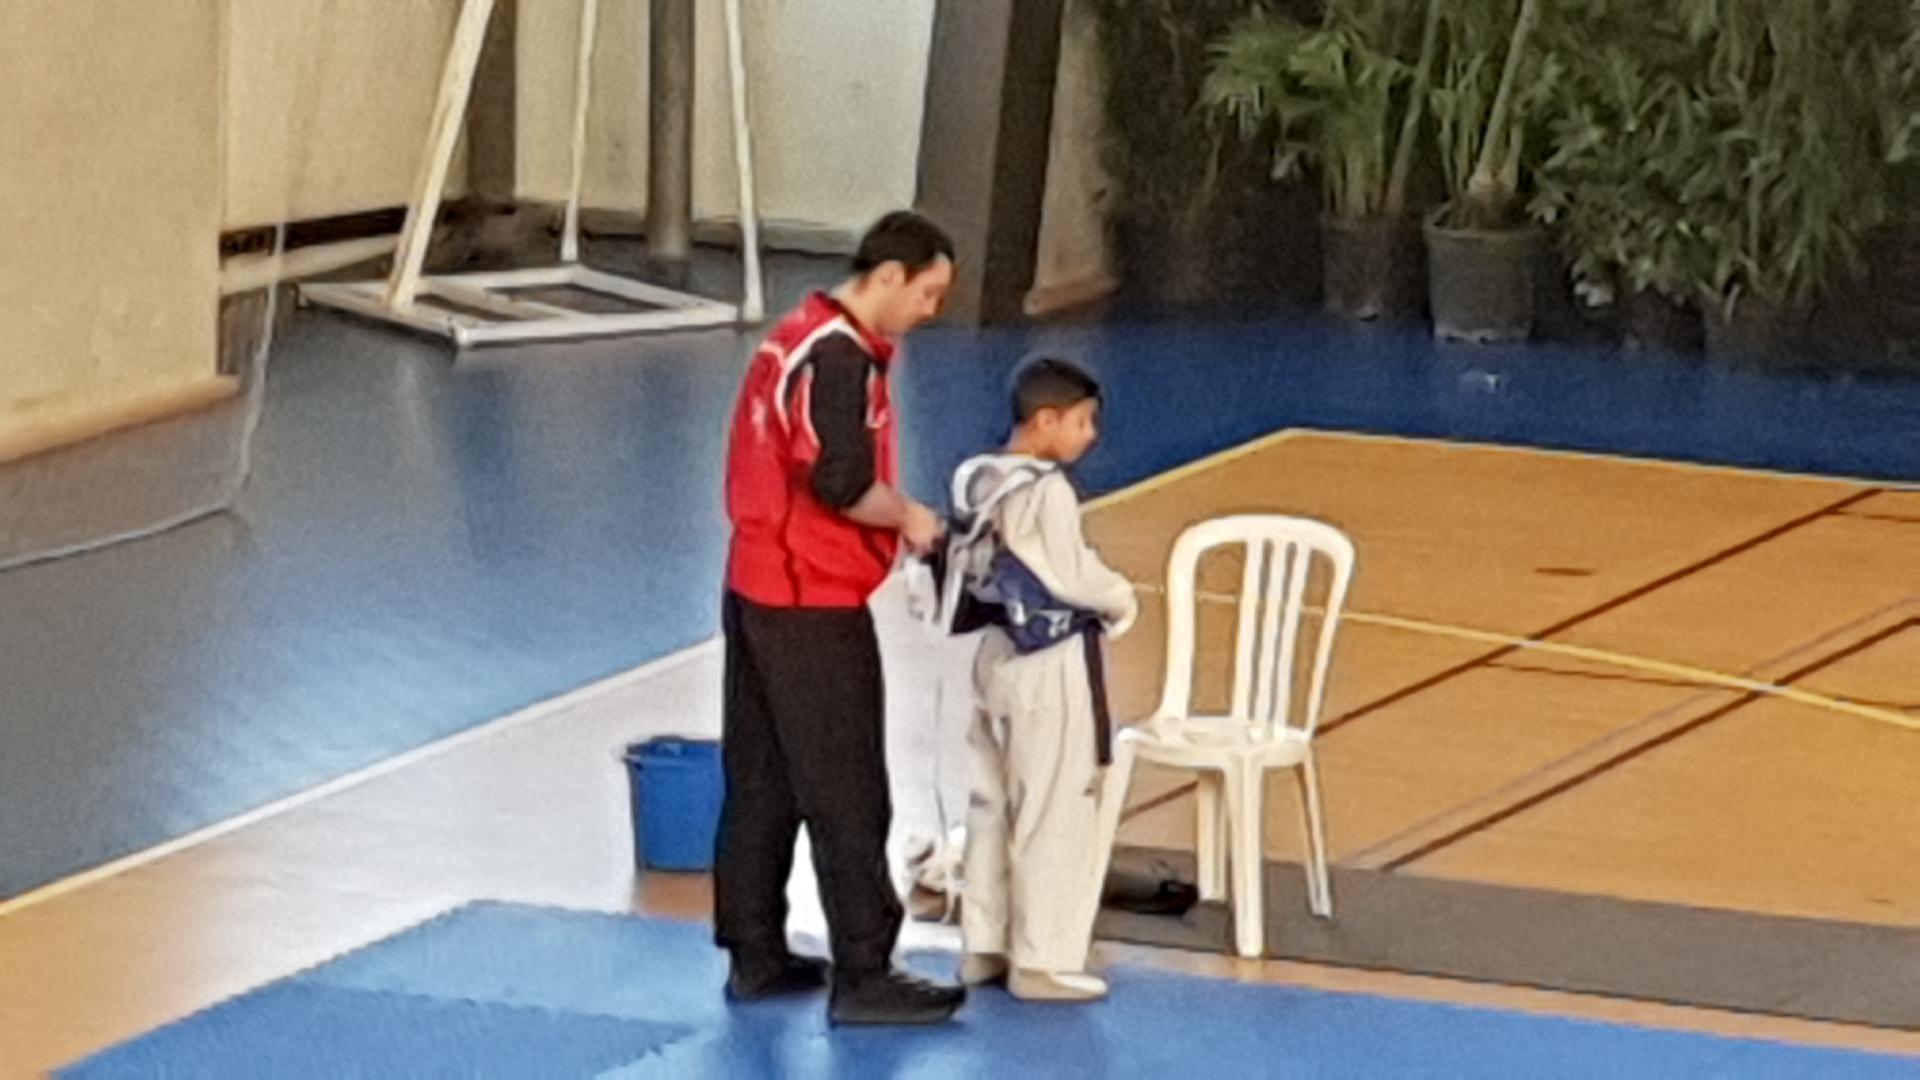 Compétition Taekwondo 태권도